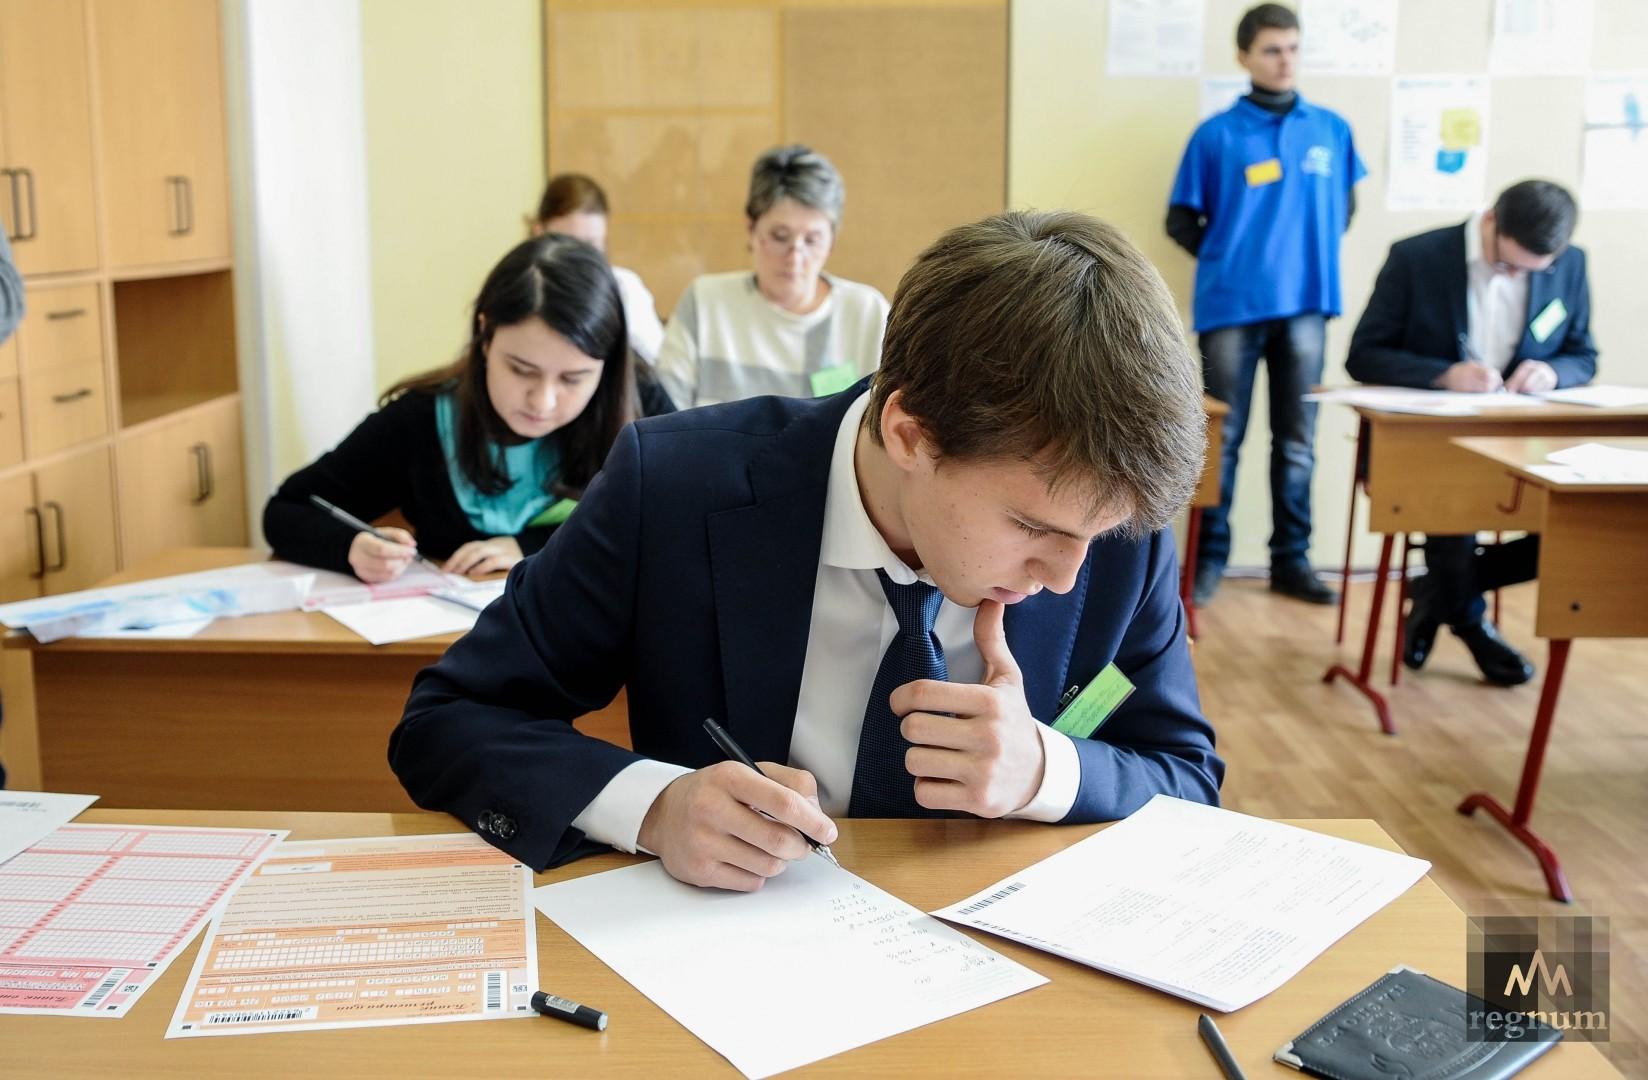 16 выпускников Северной Осетии сдали ЕГЭ по русскому языку на 100 баллов